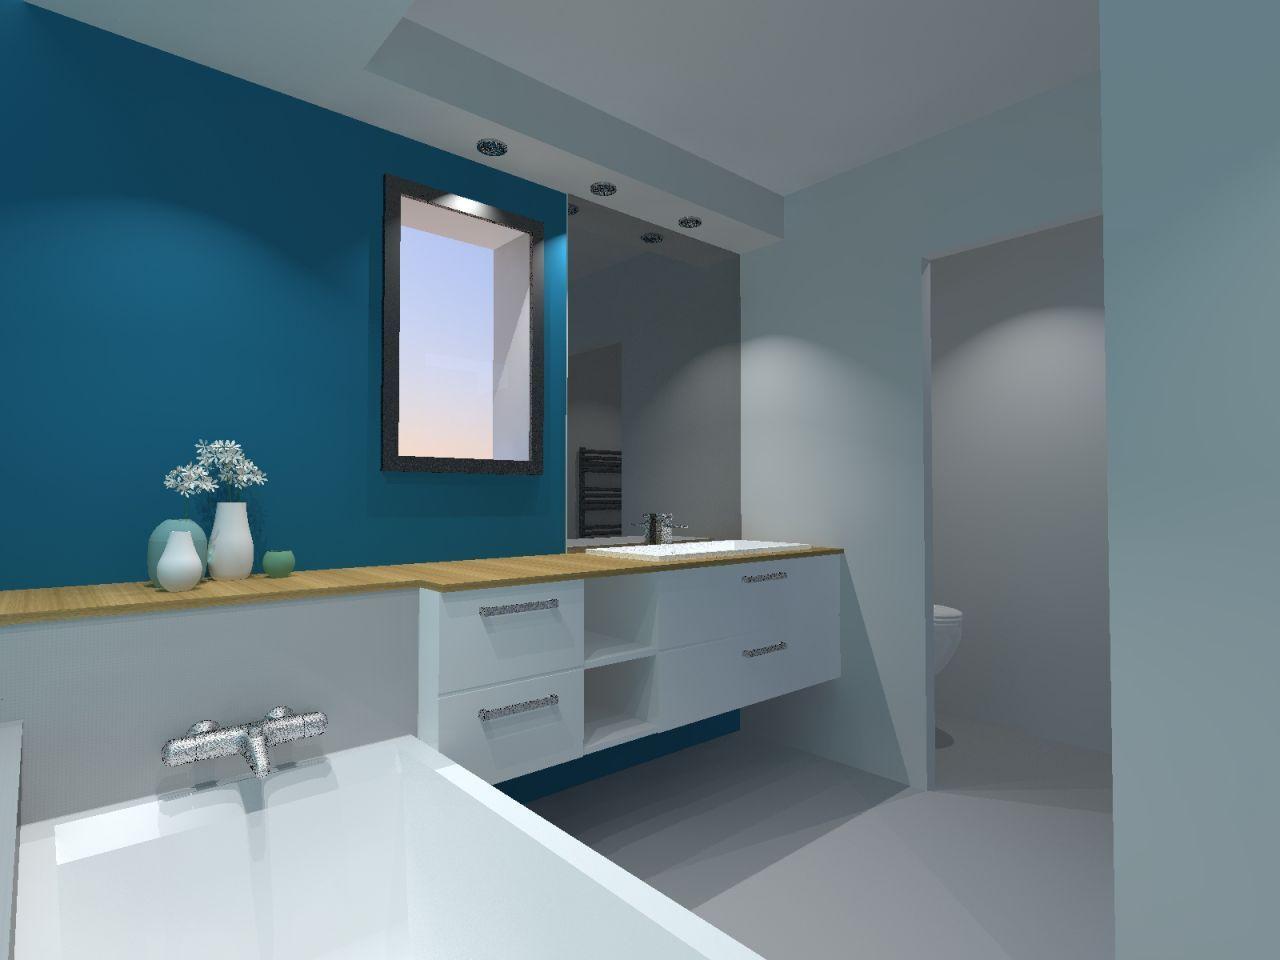 idée futur salle de bain (grâce aux membres du forum)